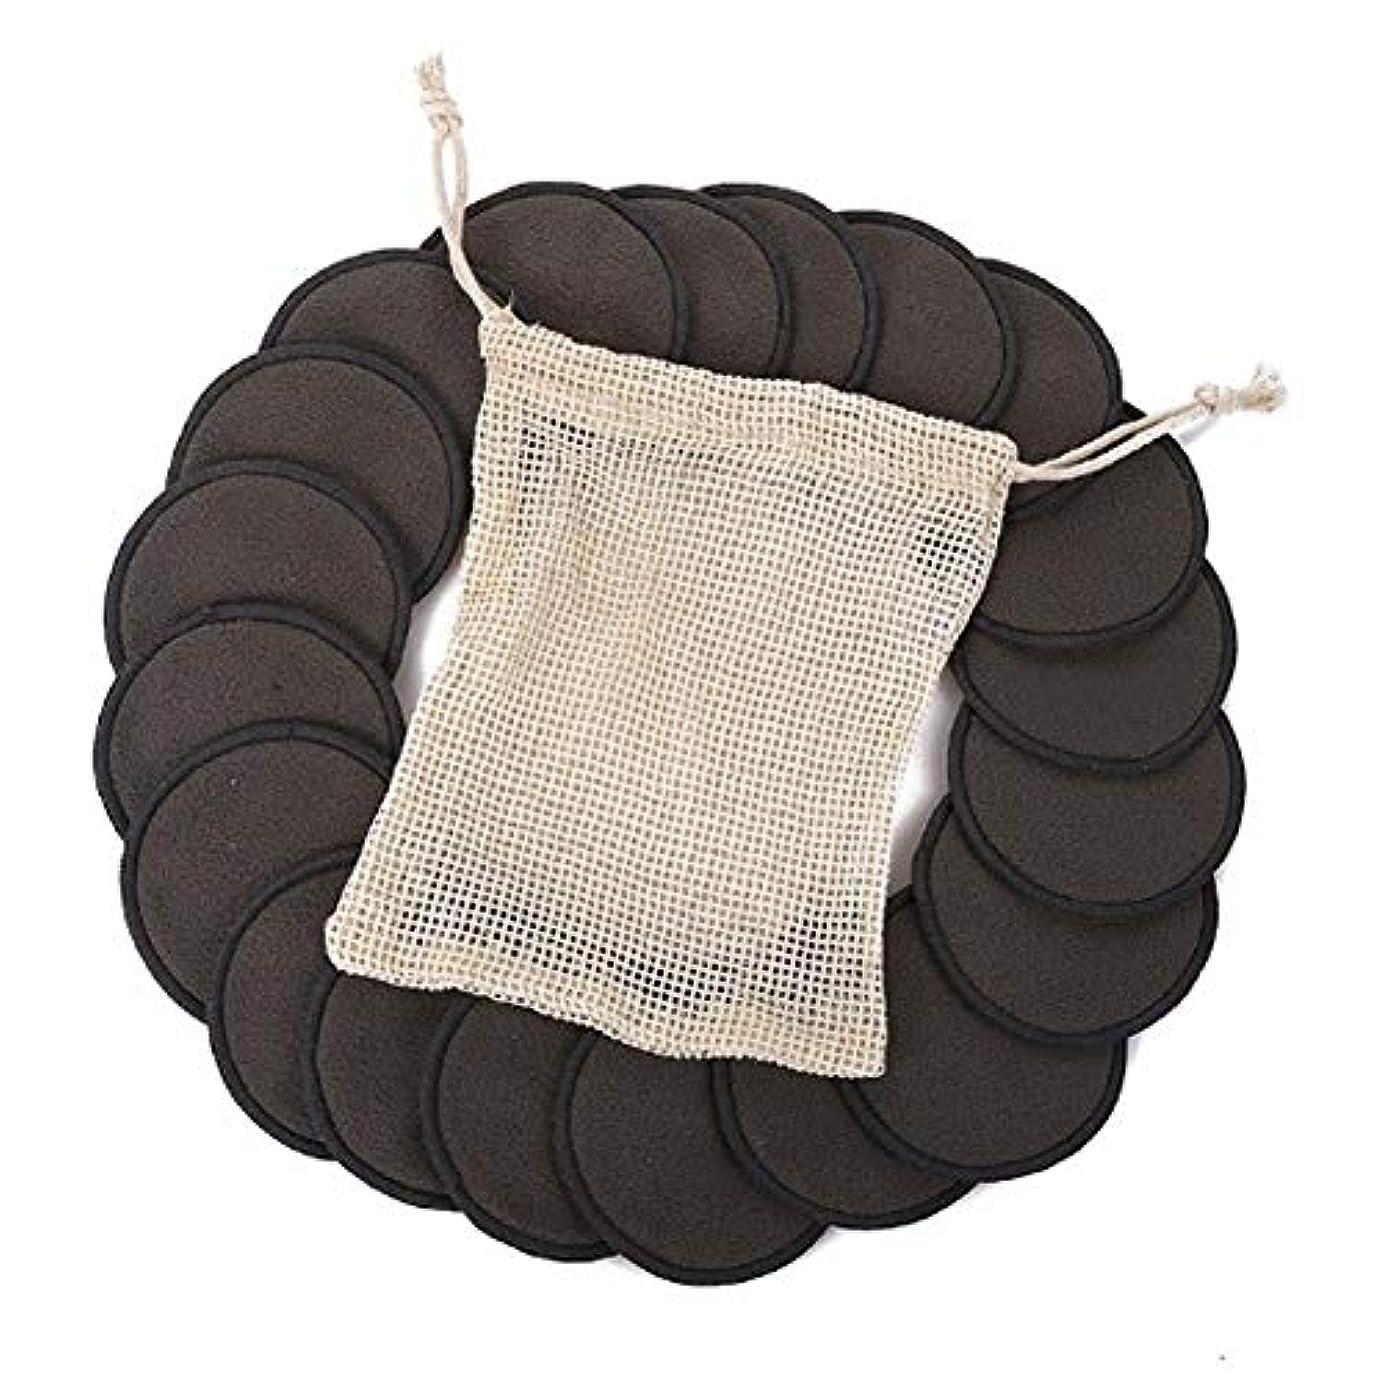 コメント過半数すでに綿のパッド、顔の目のための12PCS構造の取り外しの綿のパッドの再使用可能なタケ繊維の洗濯できる円形のパッド